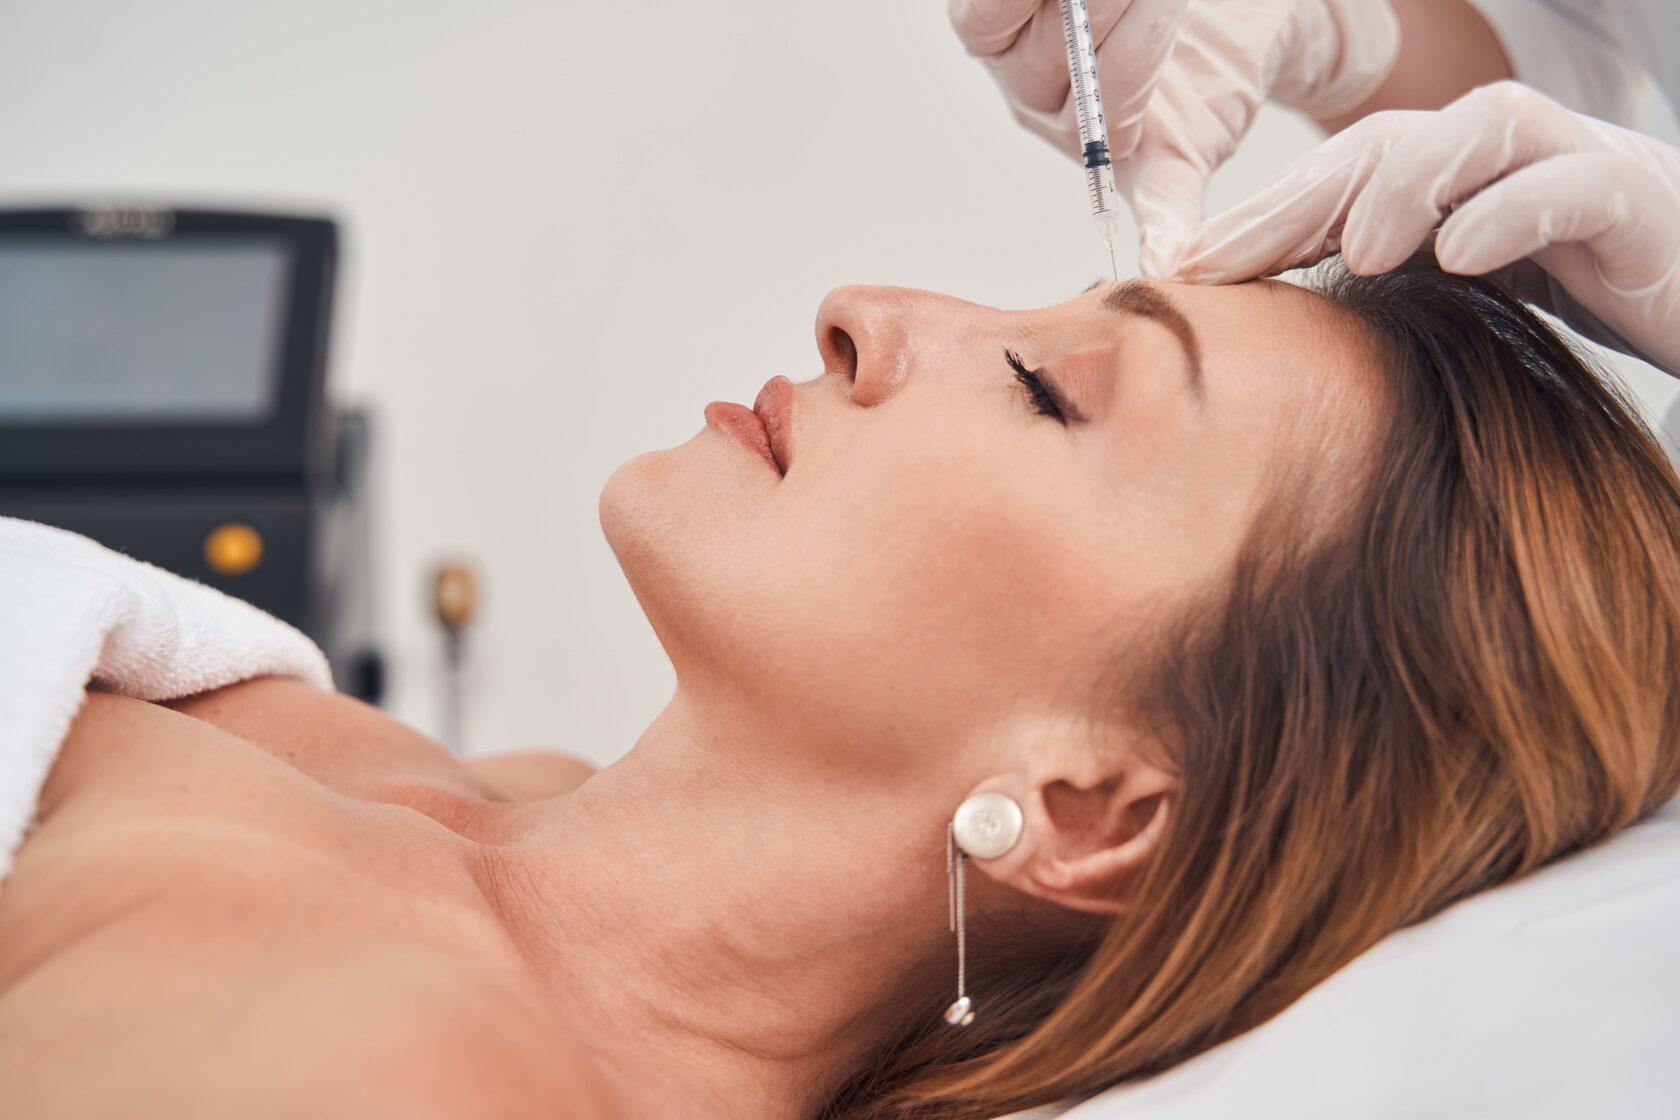 Что такое инъекционная косметология? Всё об инъекционной косметологии от косметологов